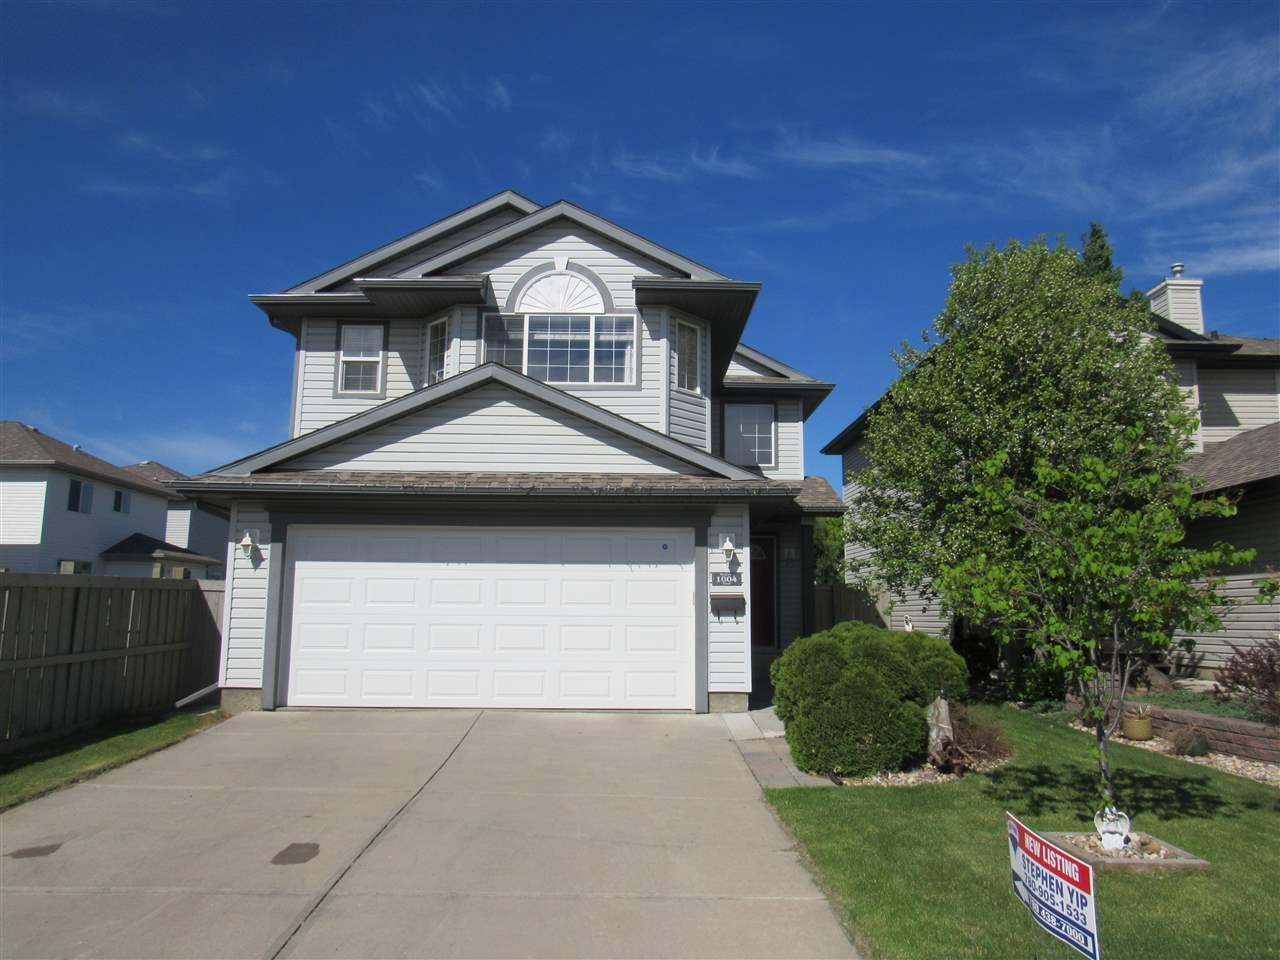 1004 Macewan Close Sw, Edmonton — For Sale @ $445,000 | Zolo.ca